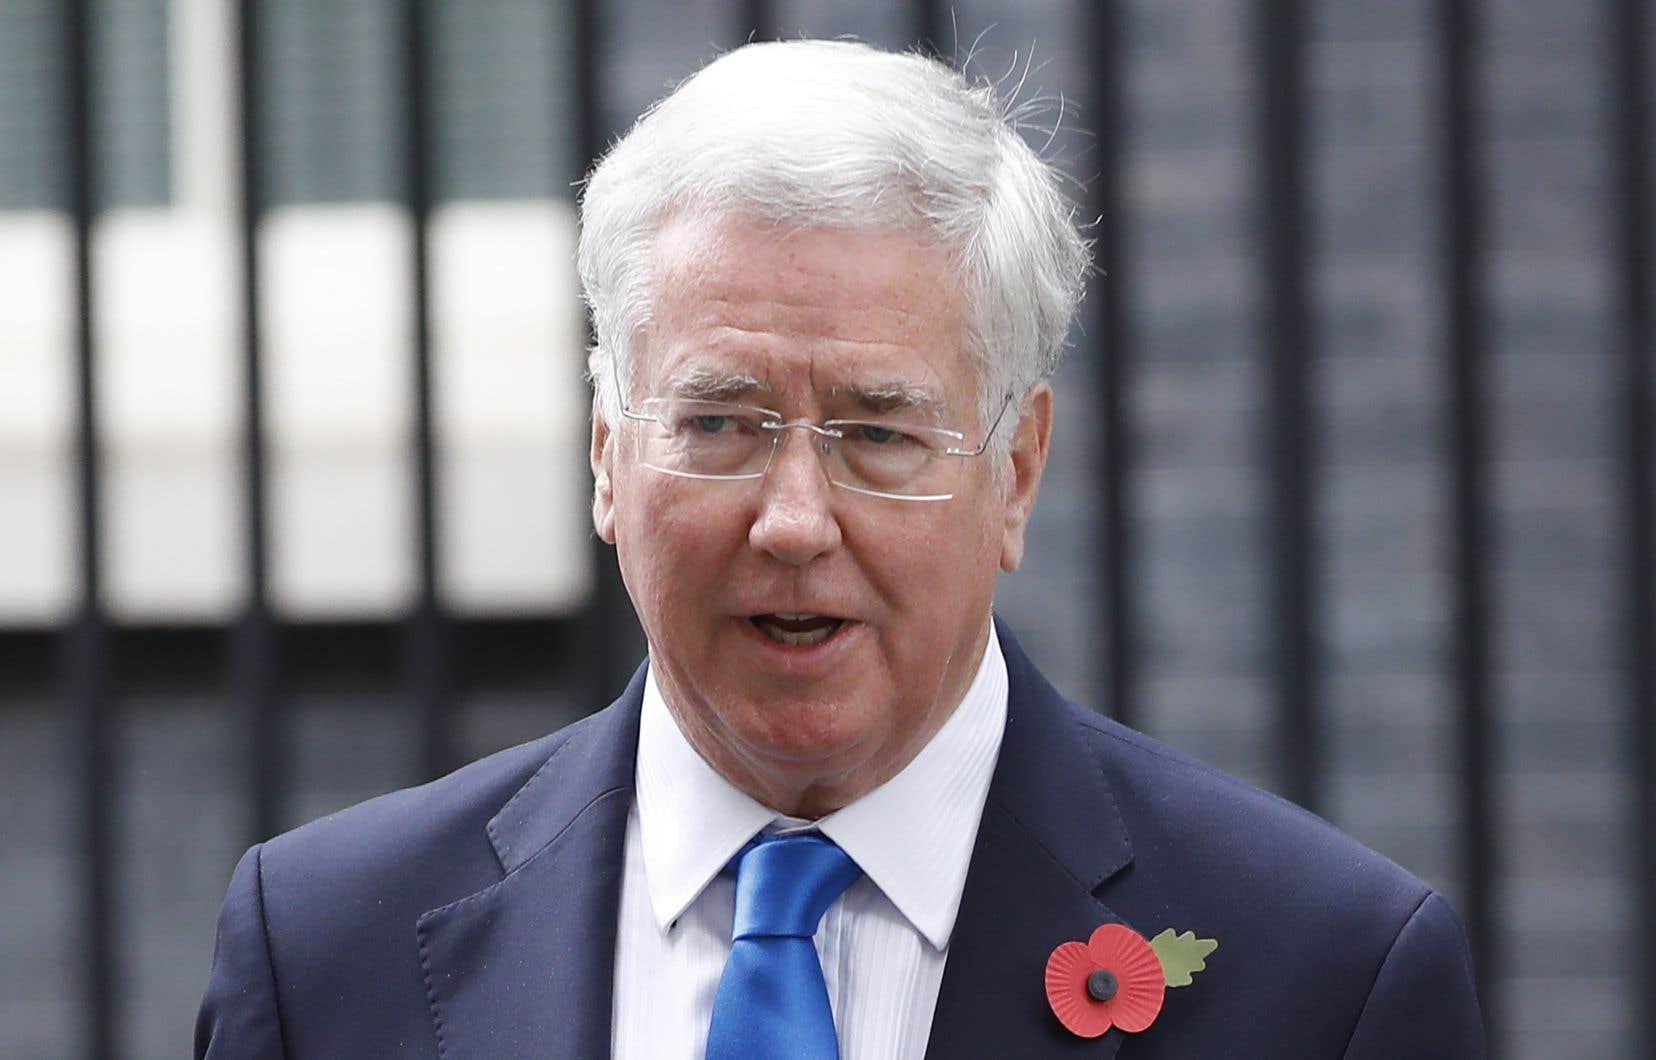 L'ex-ministre de la Défense dans le gouvernement de Theresa May,Michael Fallon